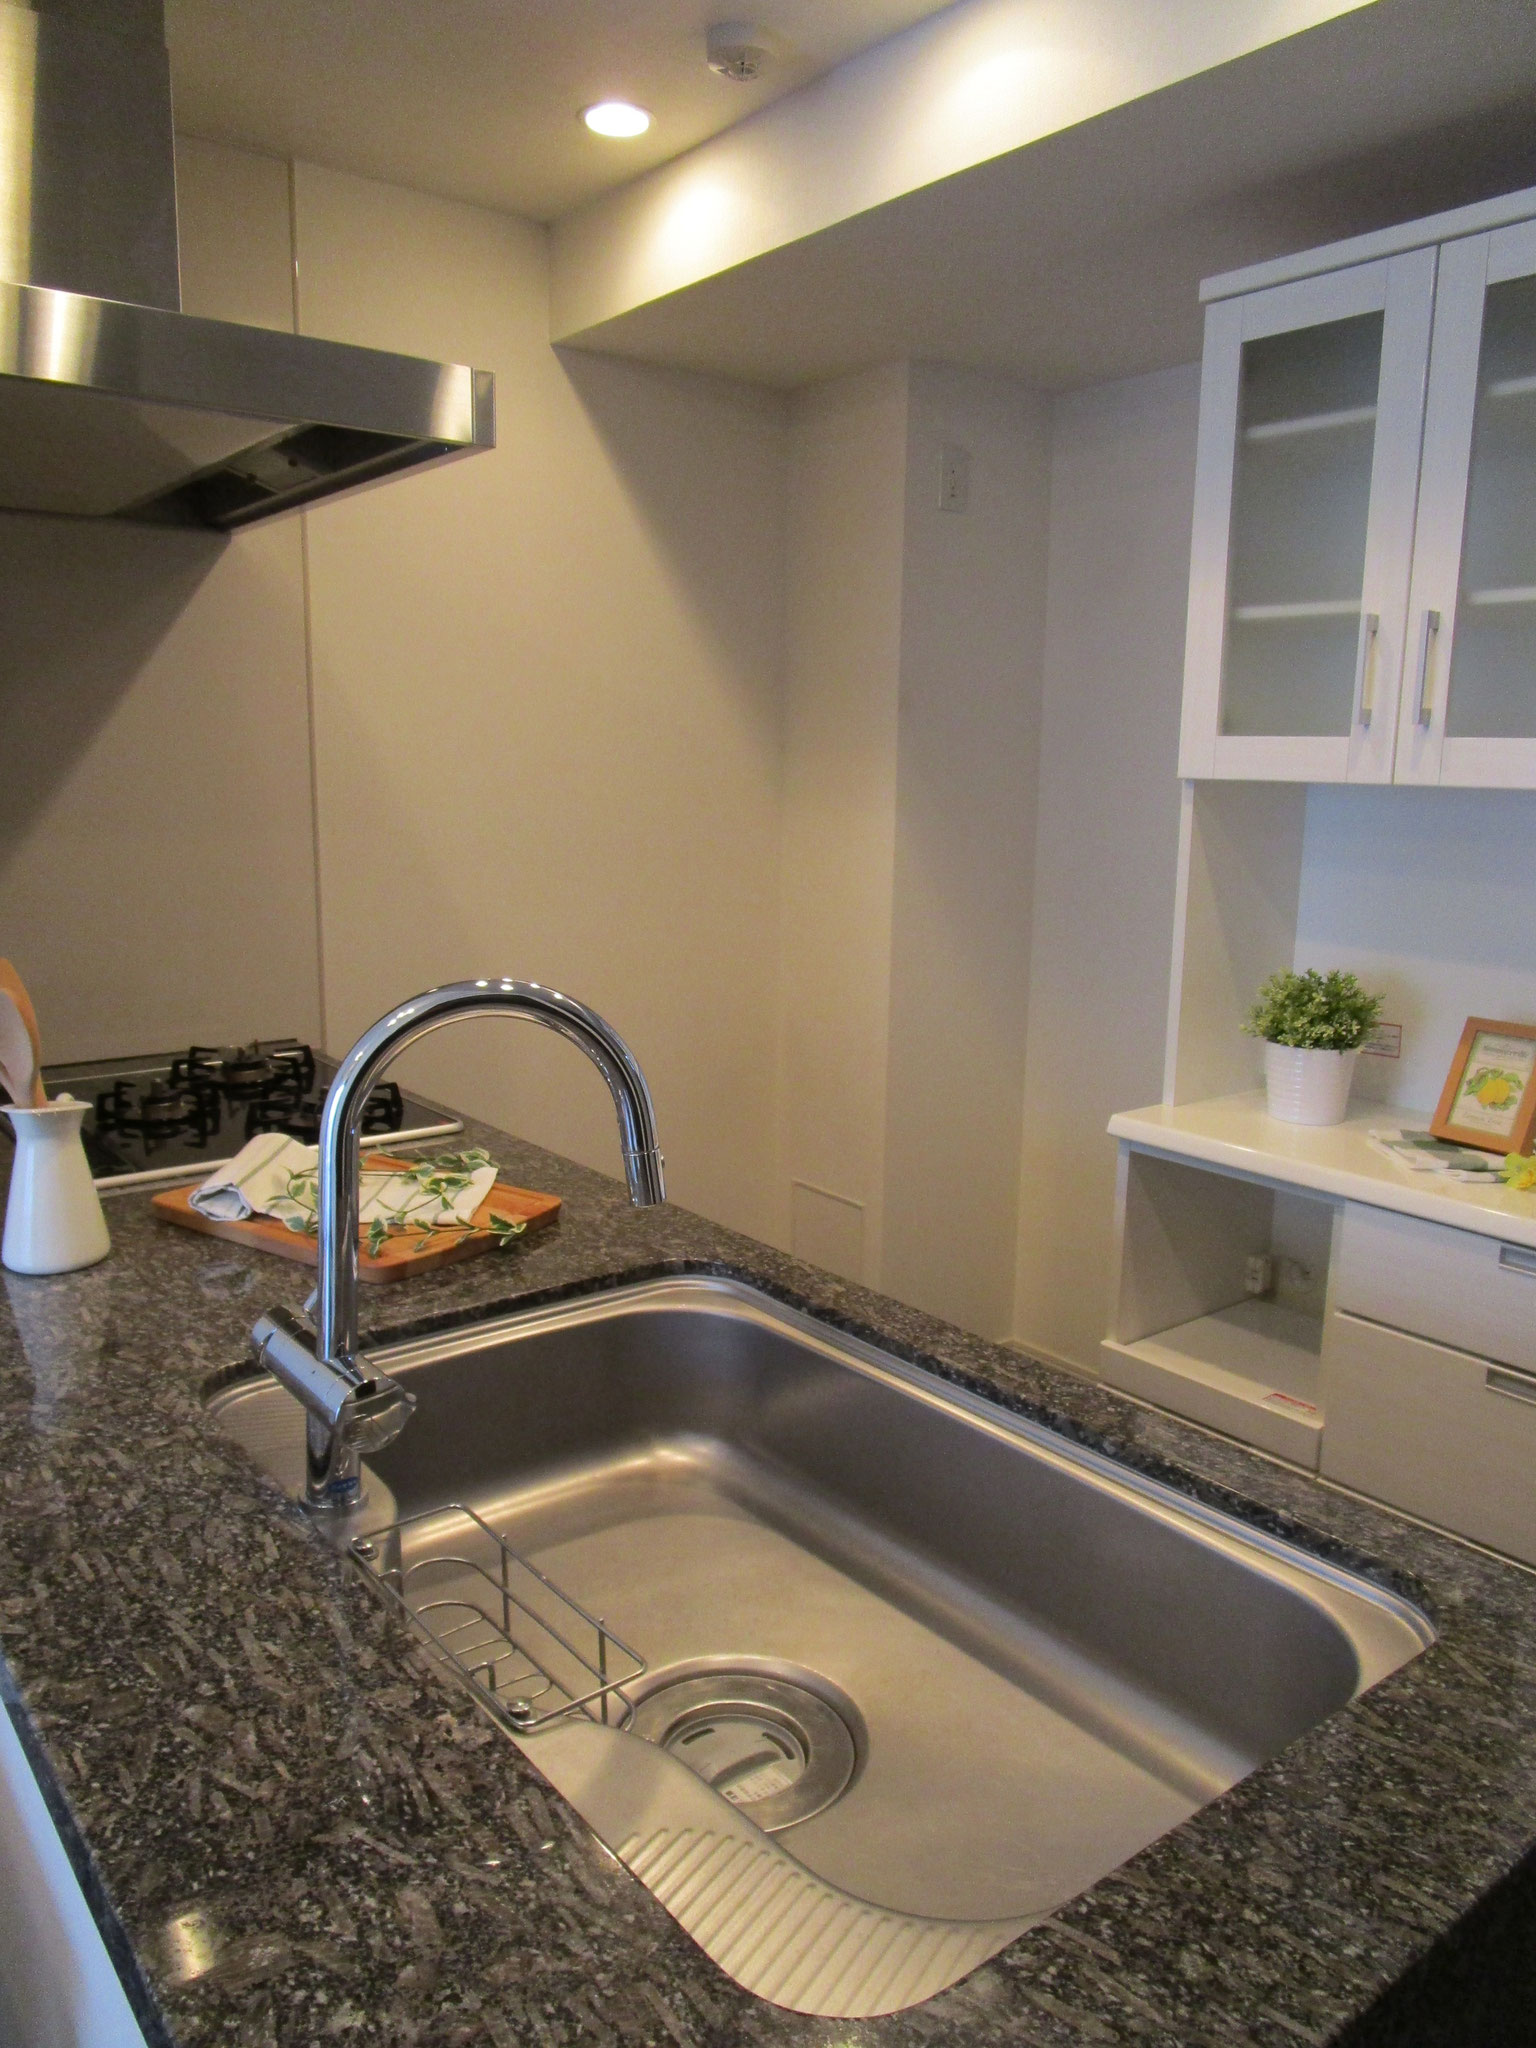 オープンキッチン。静音シンクです。ディスポーザ設置